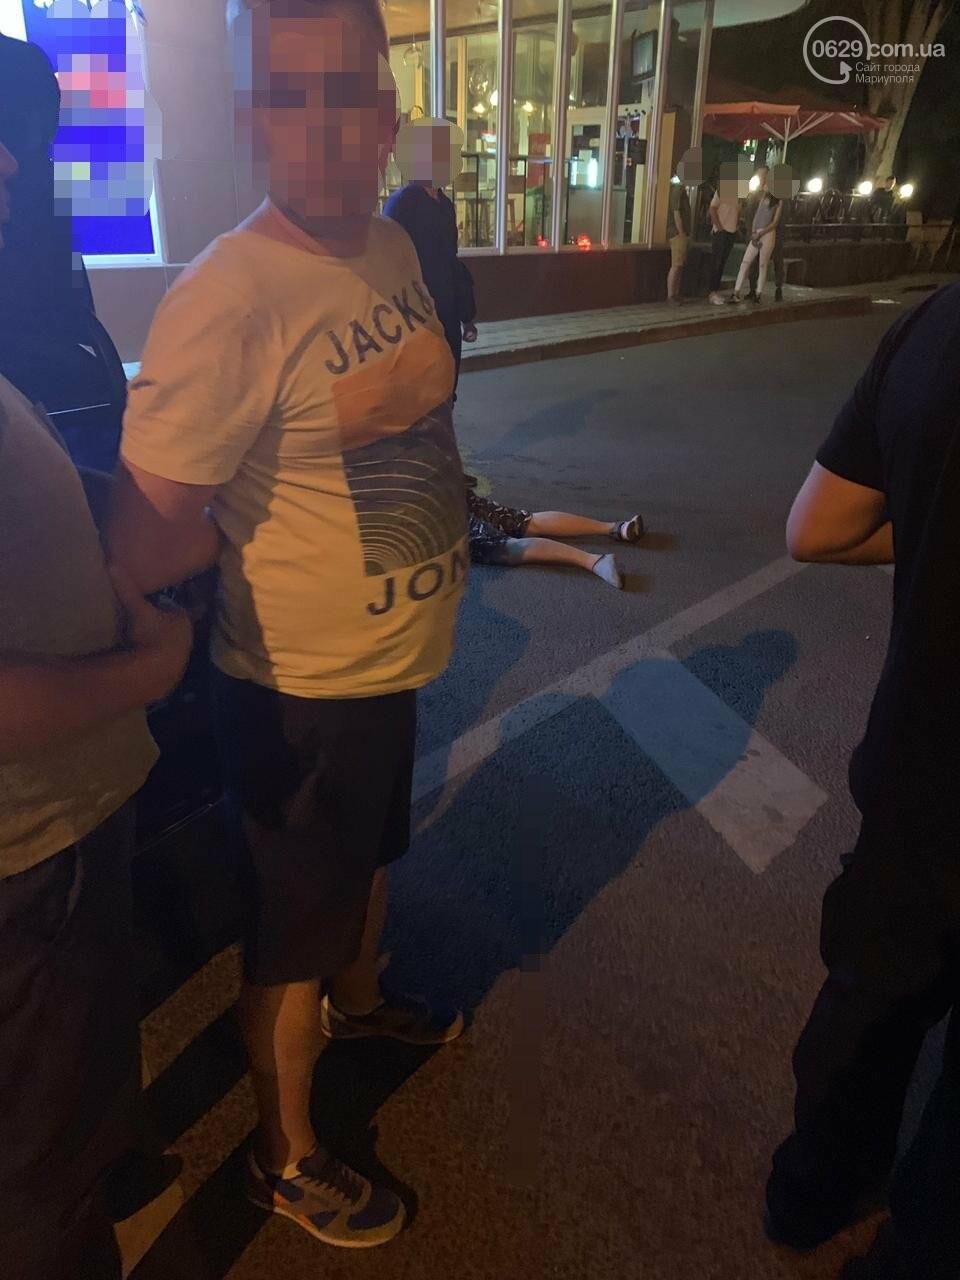 В центре Мариуполя задержали мужчин с метамфетамином и метадоном на миллион гривен, - ФОТО, фото-4